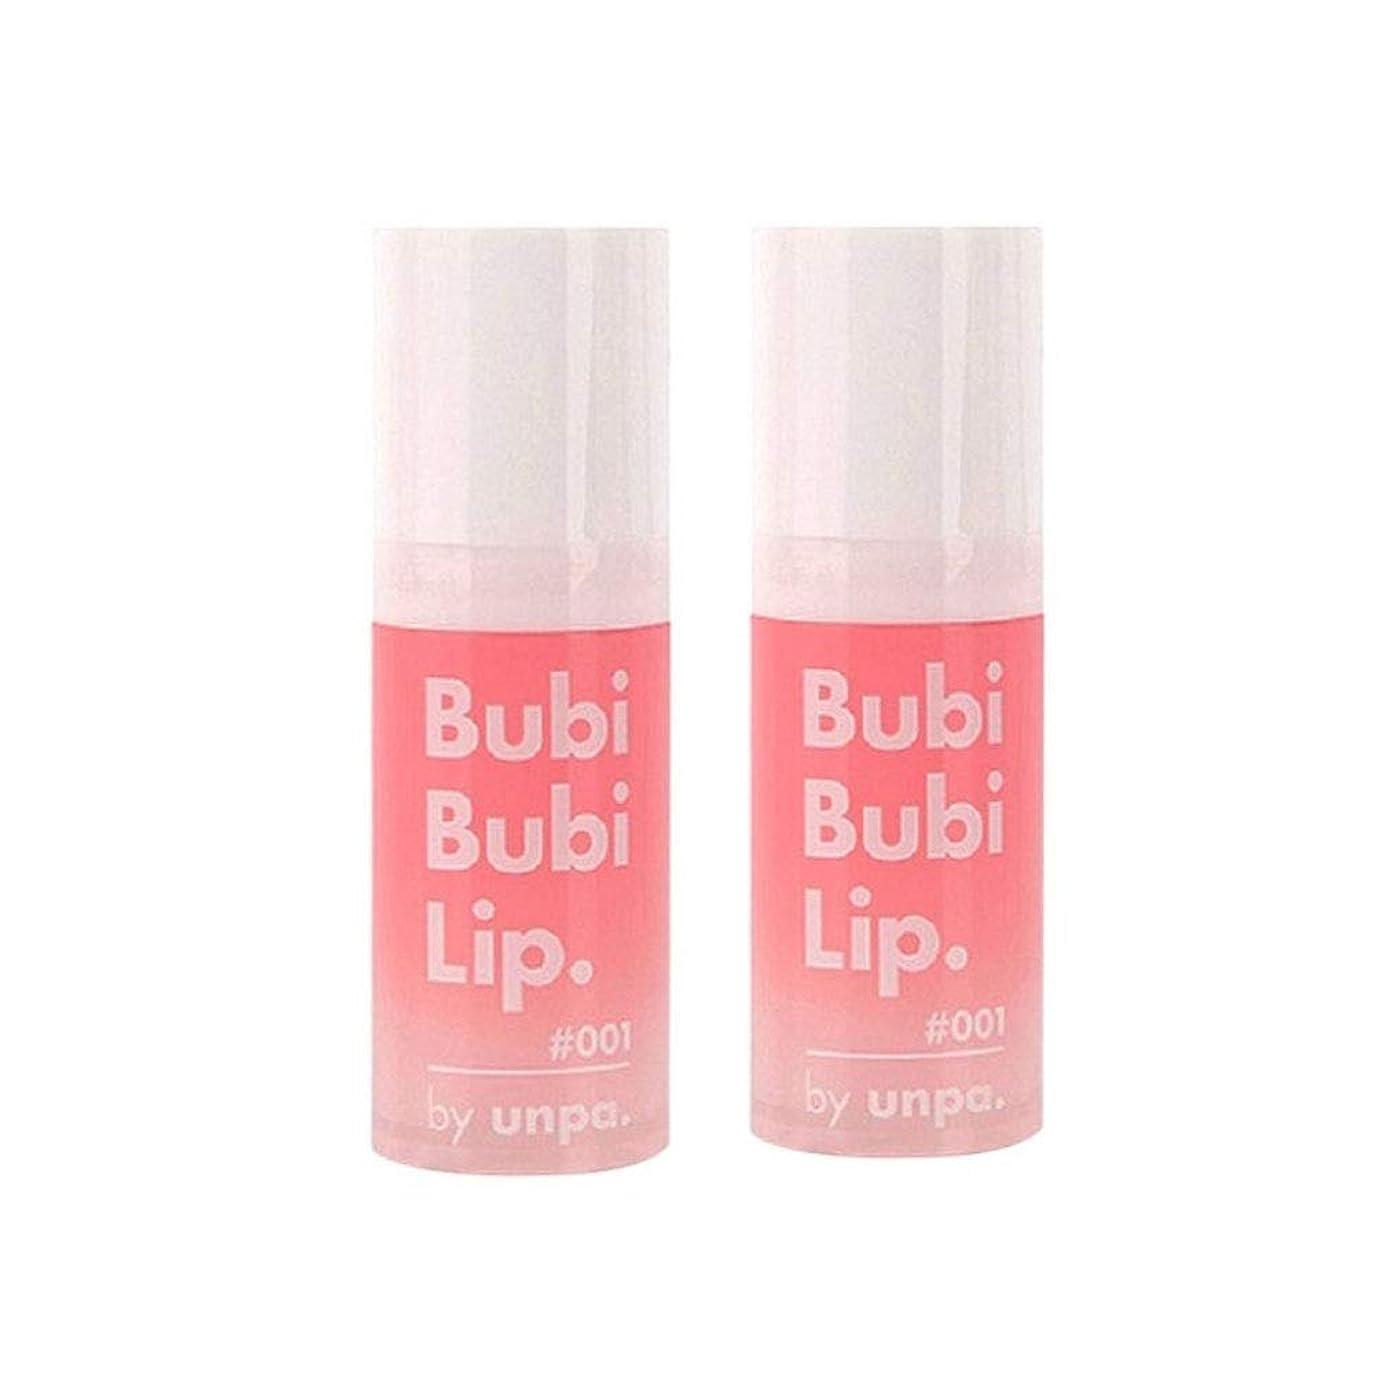 ブームヒギンズ損傷オンパブービーブービーリップ12mlx2本セットリップスクラブ韓国コスメ、Unpa Bubi Bubi Lip 12ml x 2ea Set Lip Scrub Korean Cosmetics [並行輸入品]